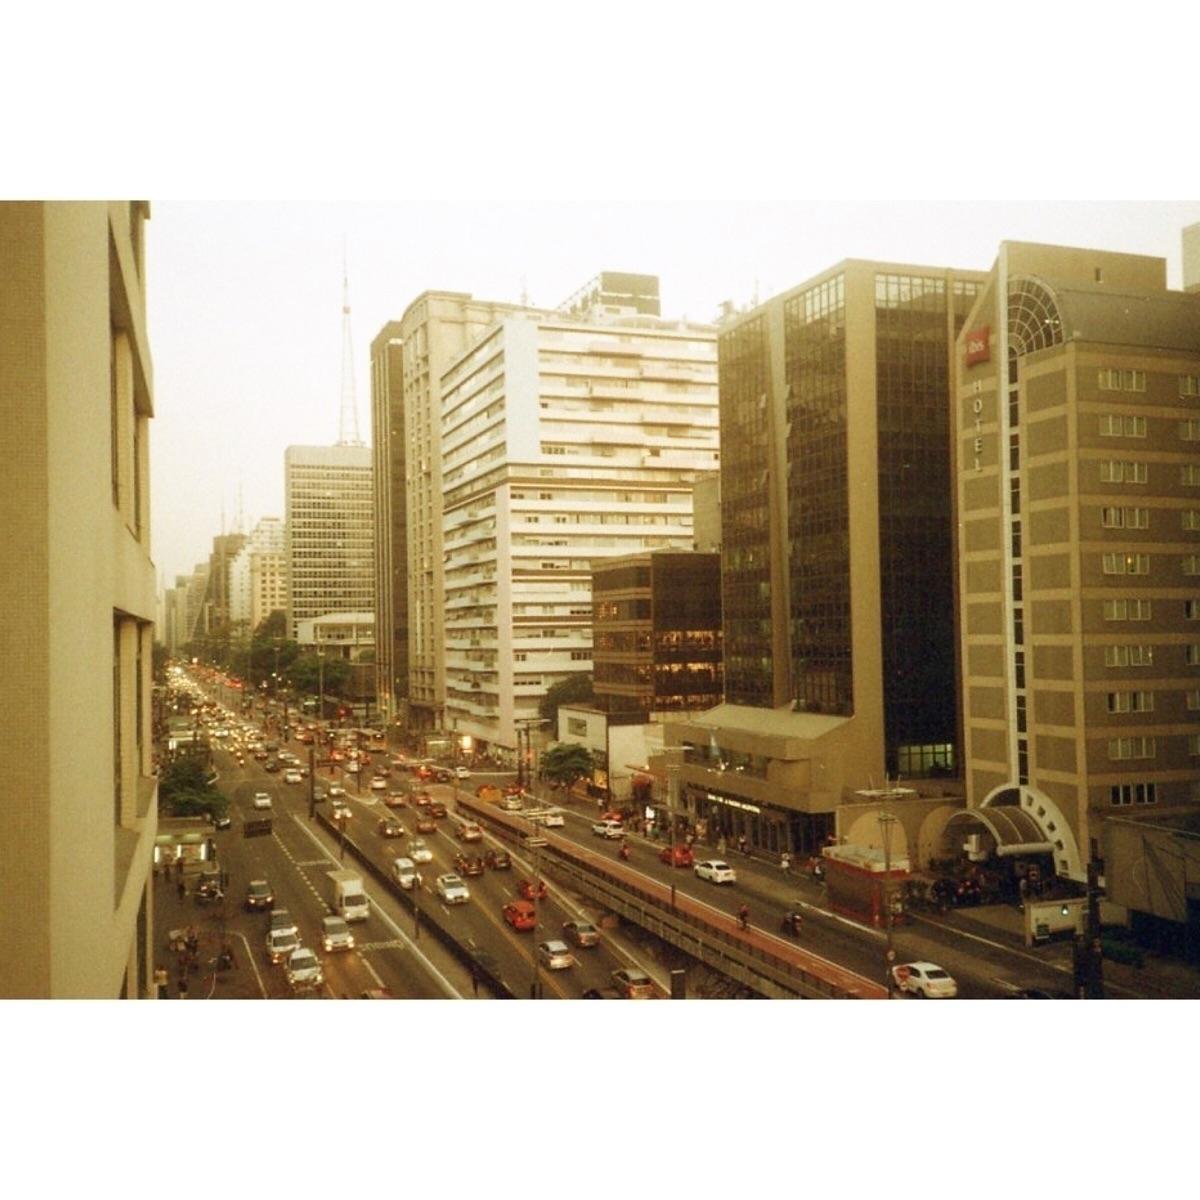 / Avenida Paulista, SP, Brazil - etakaki | ello